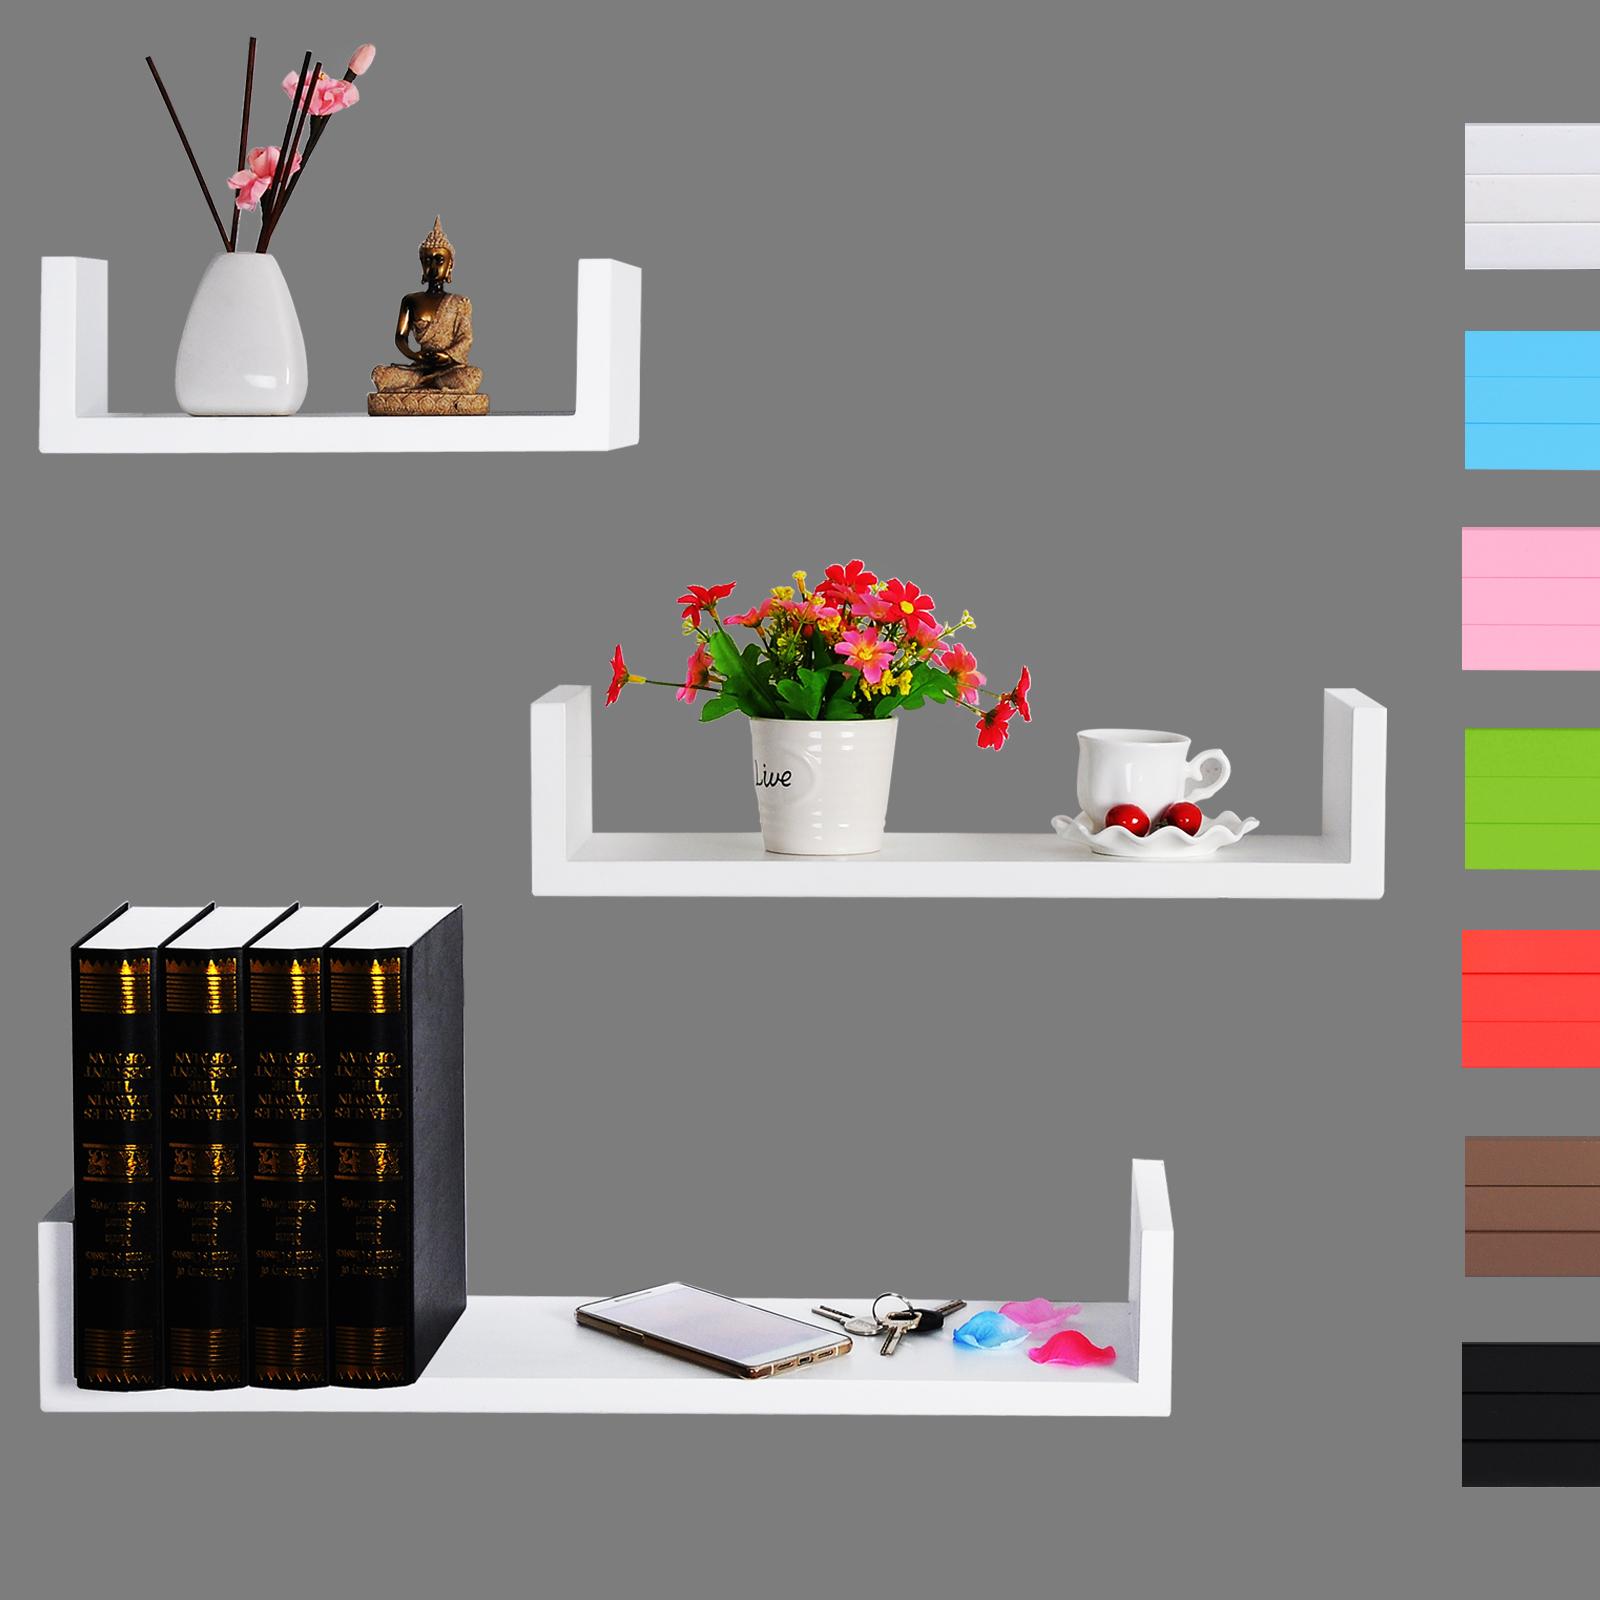 wandregal 3er set regal board b cherregal h ngeregal cd dvd regal holzregal 352 ebay. Black Bedroom Furniture Sets. Home Design Ideas